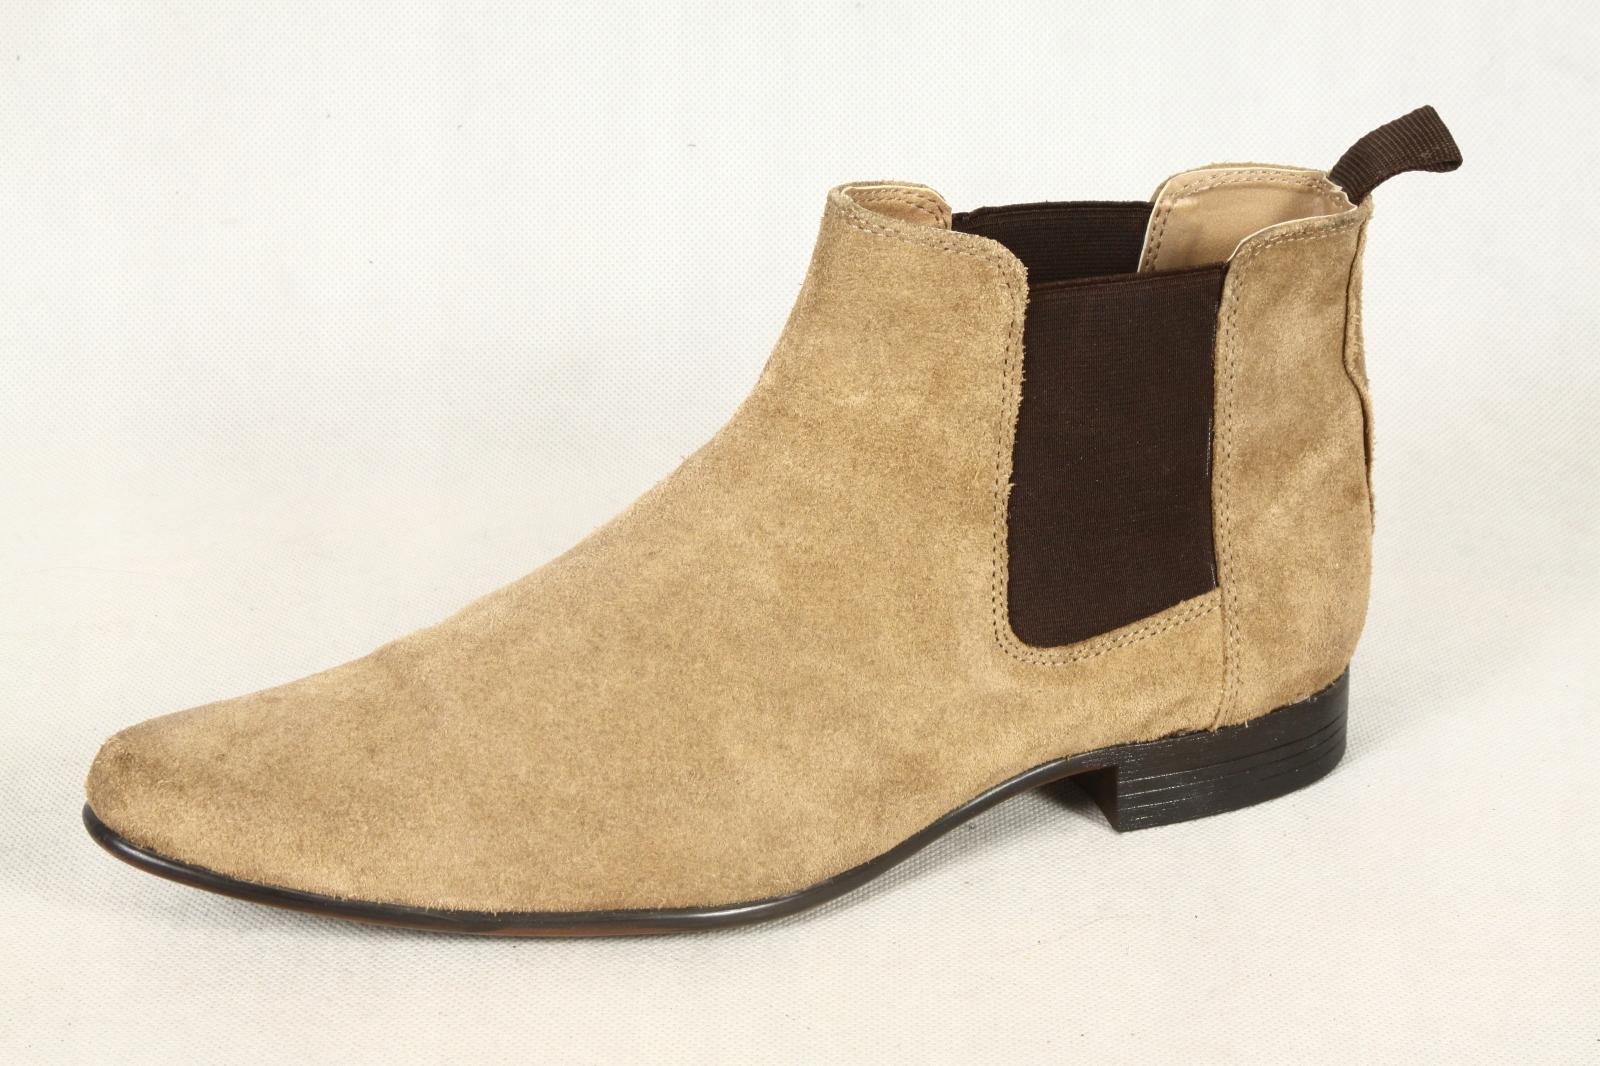 0e9efdad1dd80 ECCO zara buty skórzane sztyblety zamszowe 43- 44 - 7672094308 ...